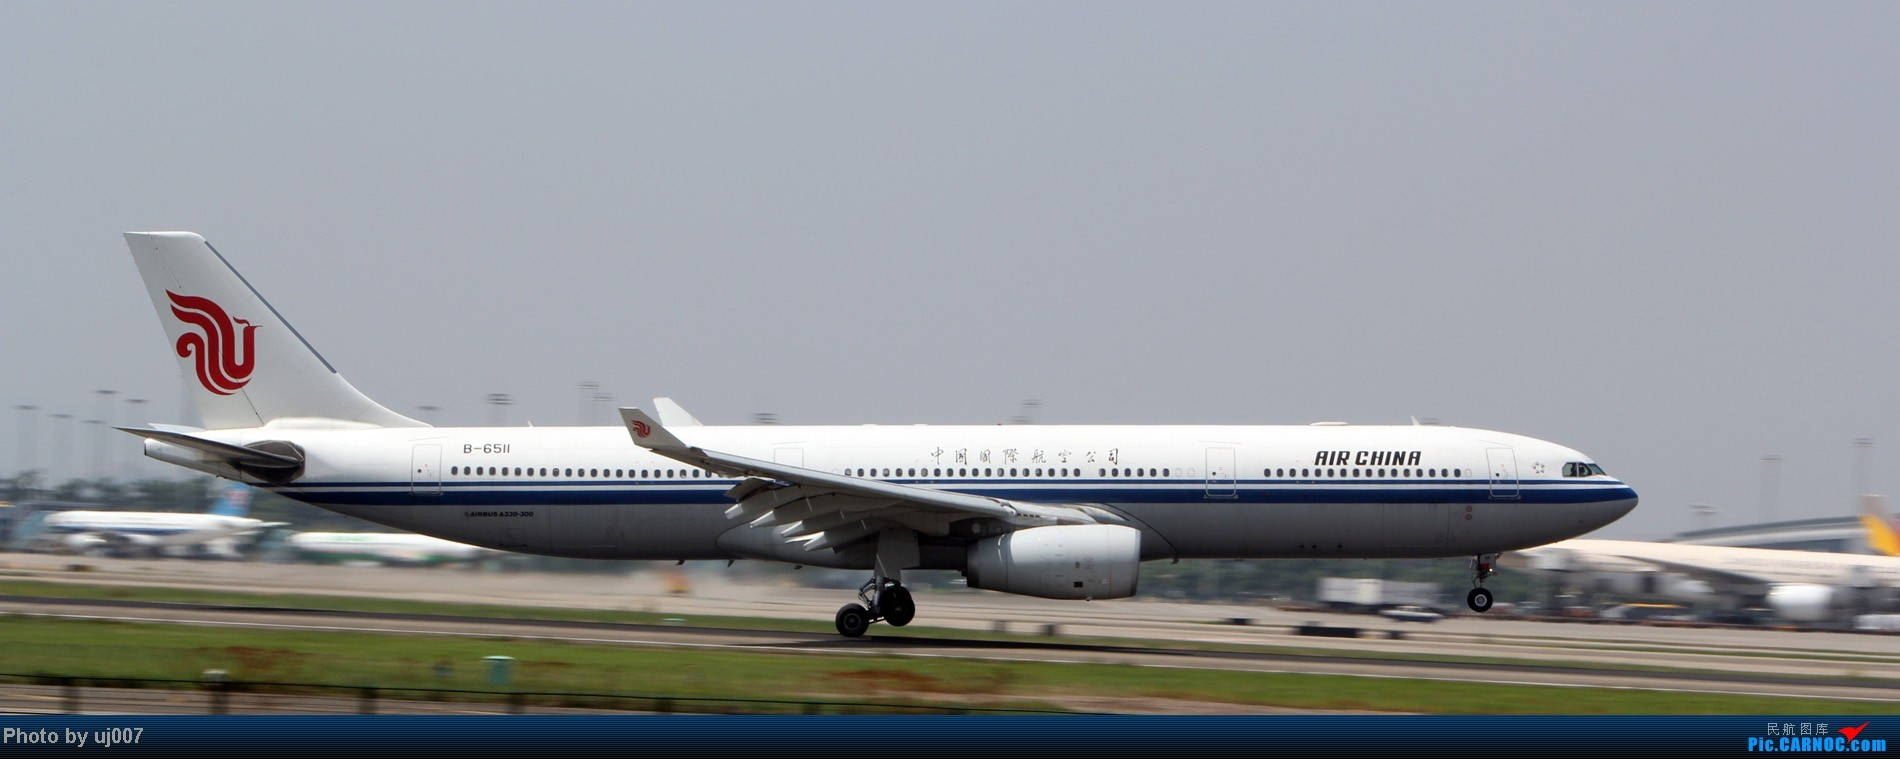 Re:[原创]10月2日白云拍机(大飞机,特别妆,外航,闪灯,擦烟)求指点. AIRBUS A330-300 B-6511 中国广州白云机场